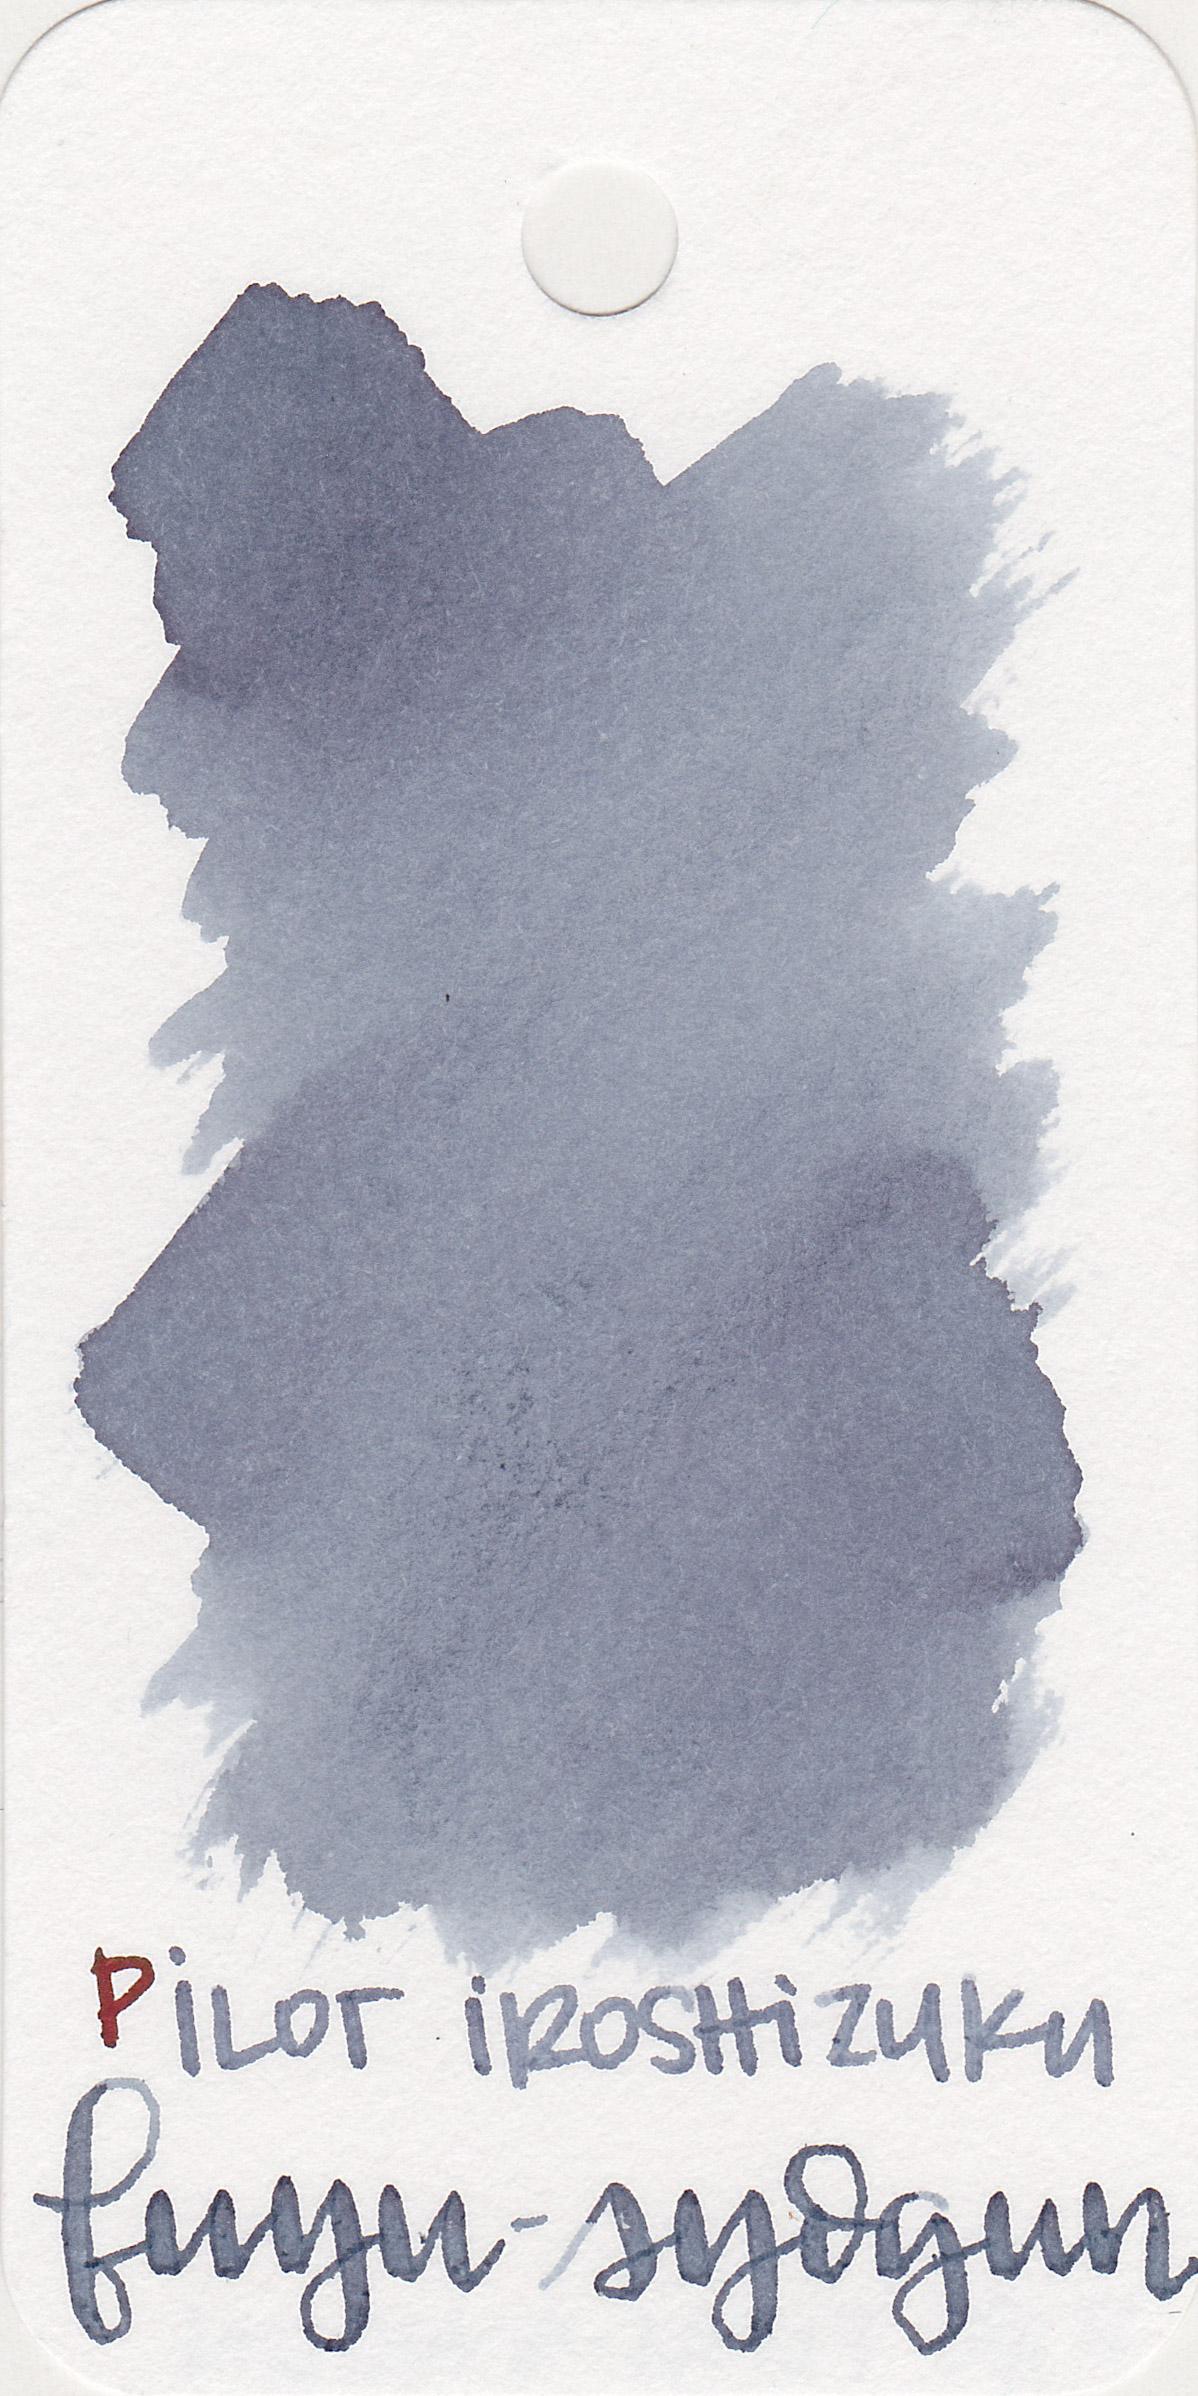 pi-fuyu-syogun-1.jpg